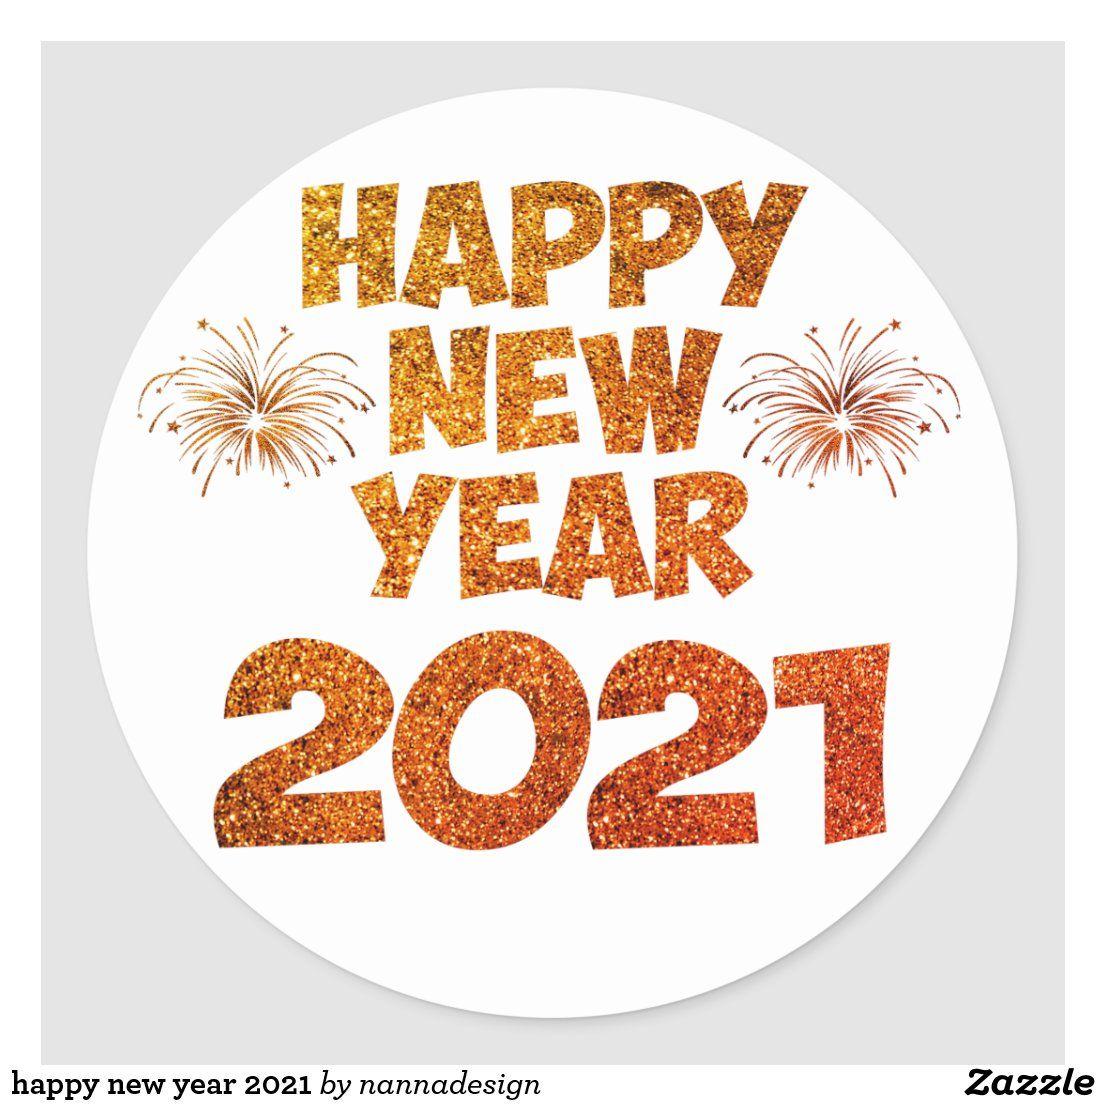 Happy New Year 2021 Classic Round Sticker Zazzle Com In 2021 Happy New Year Stickers Happy New Year Pictures Happy New Year Wallpaper